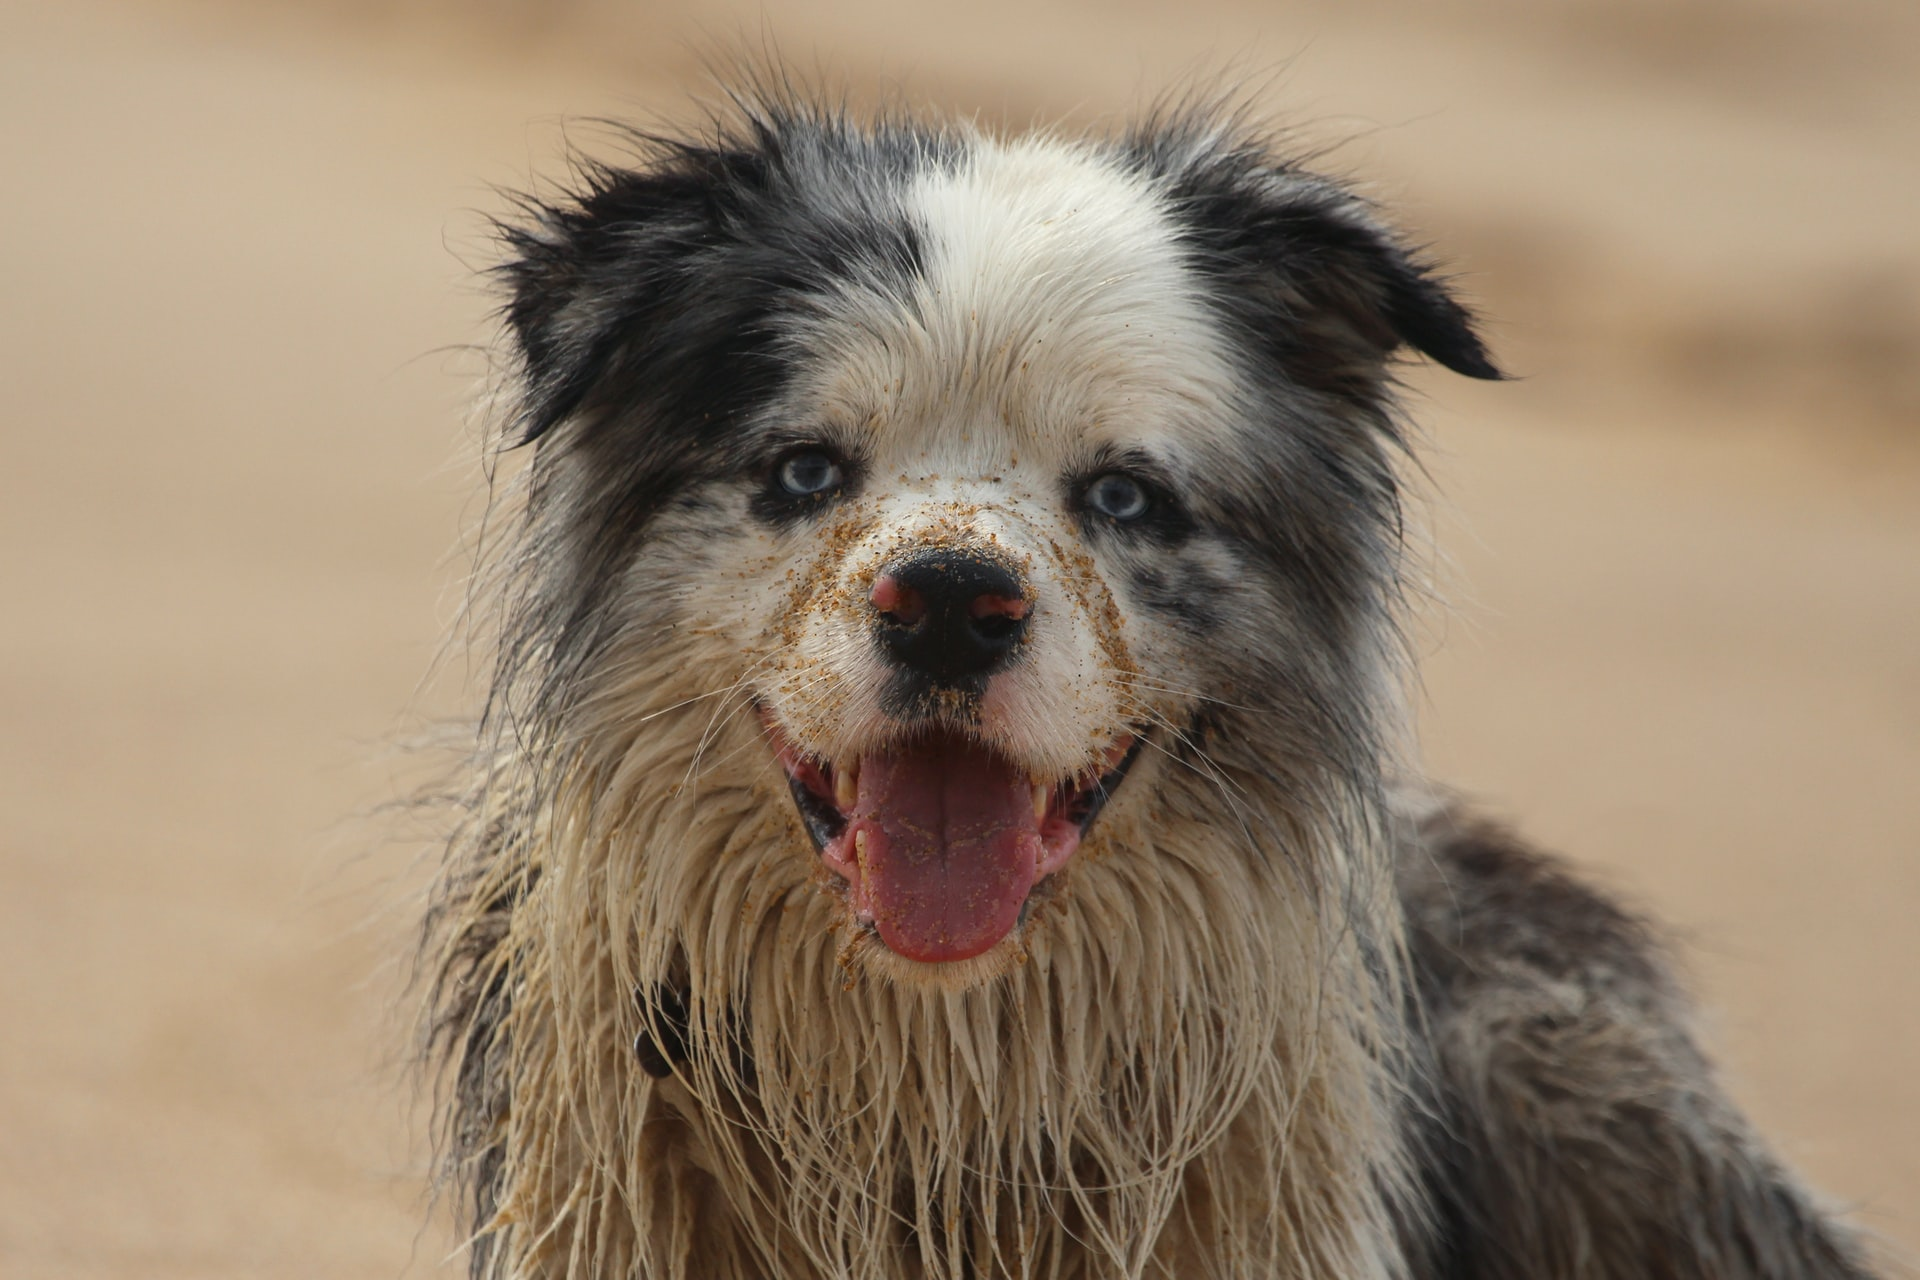 Entenda por que seu cão gosta de rolar na sujeira e saiba como detê-lo